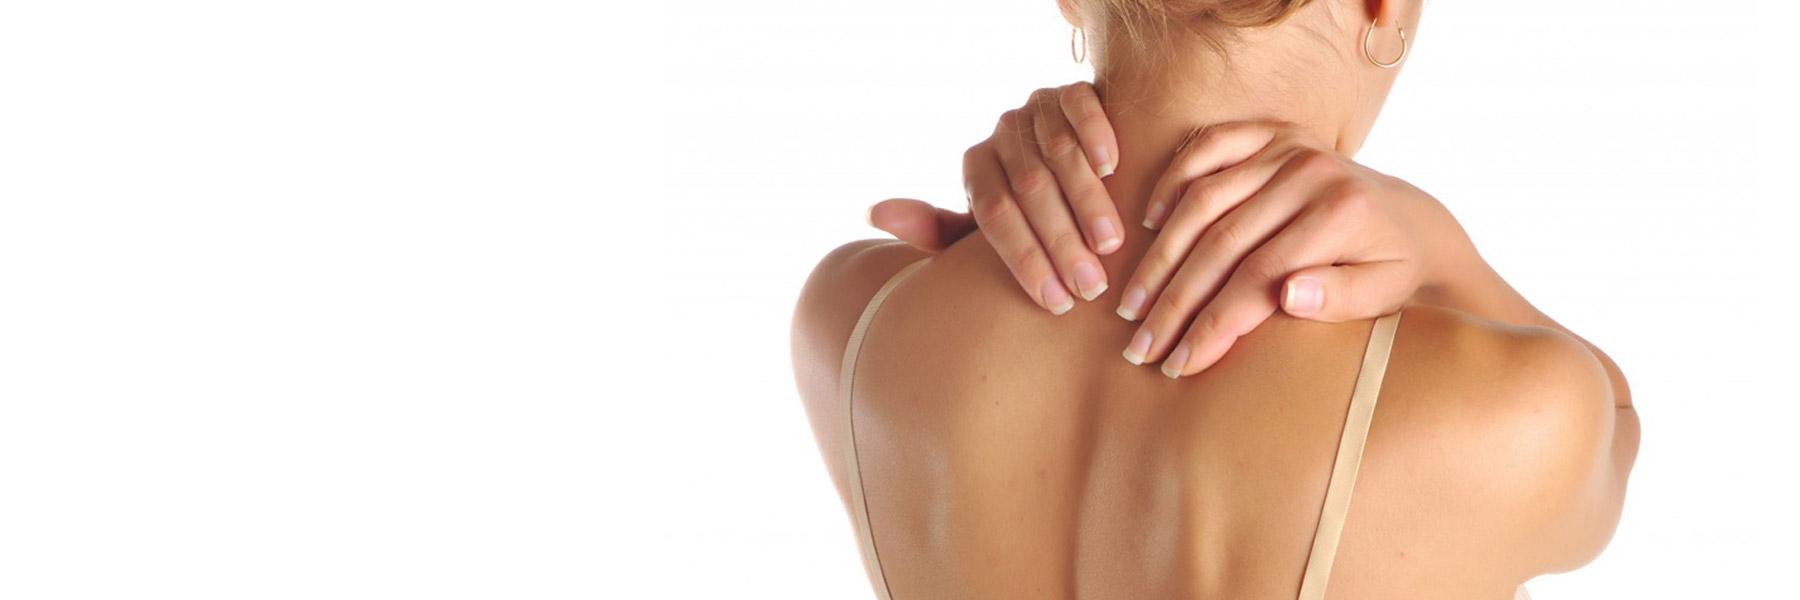 Arthrose cervicale : je vous parle des symptômes